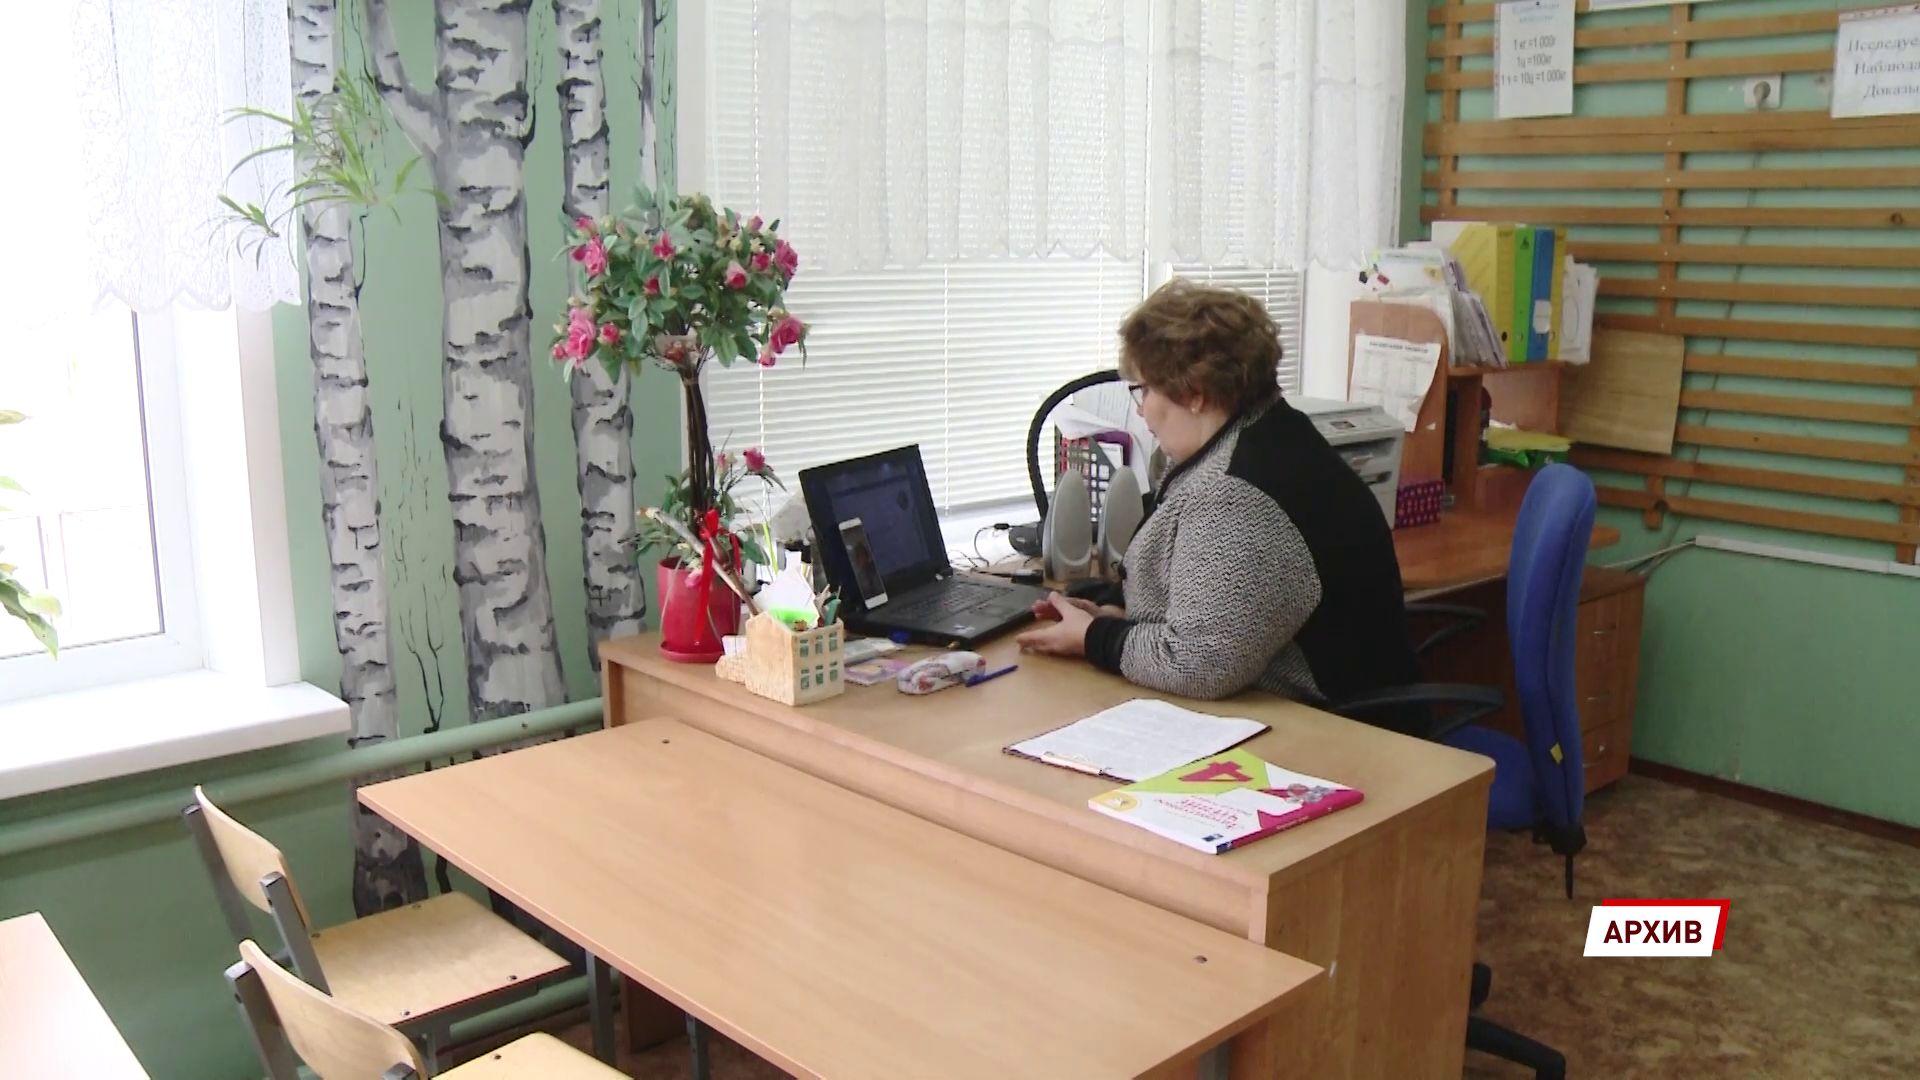 Организаторы «Финатлона для старшеклассников» продлили сроки регистрации участников